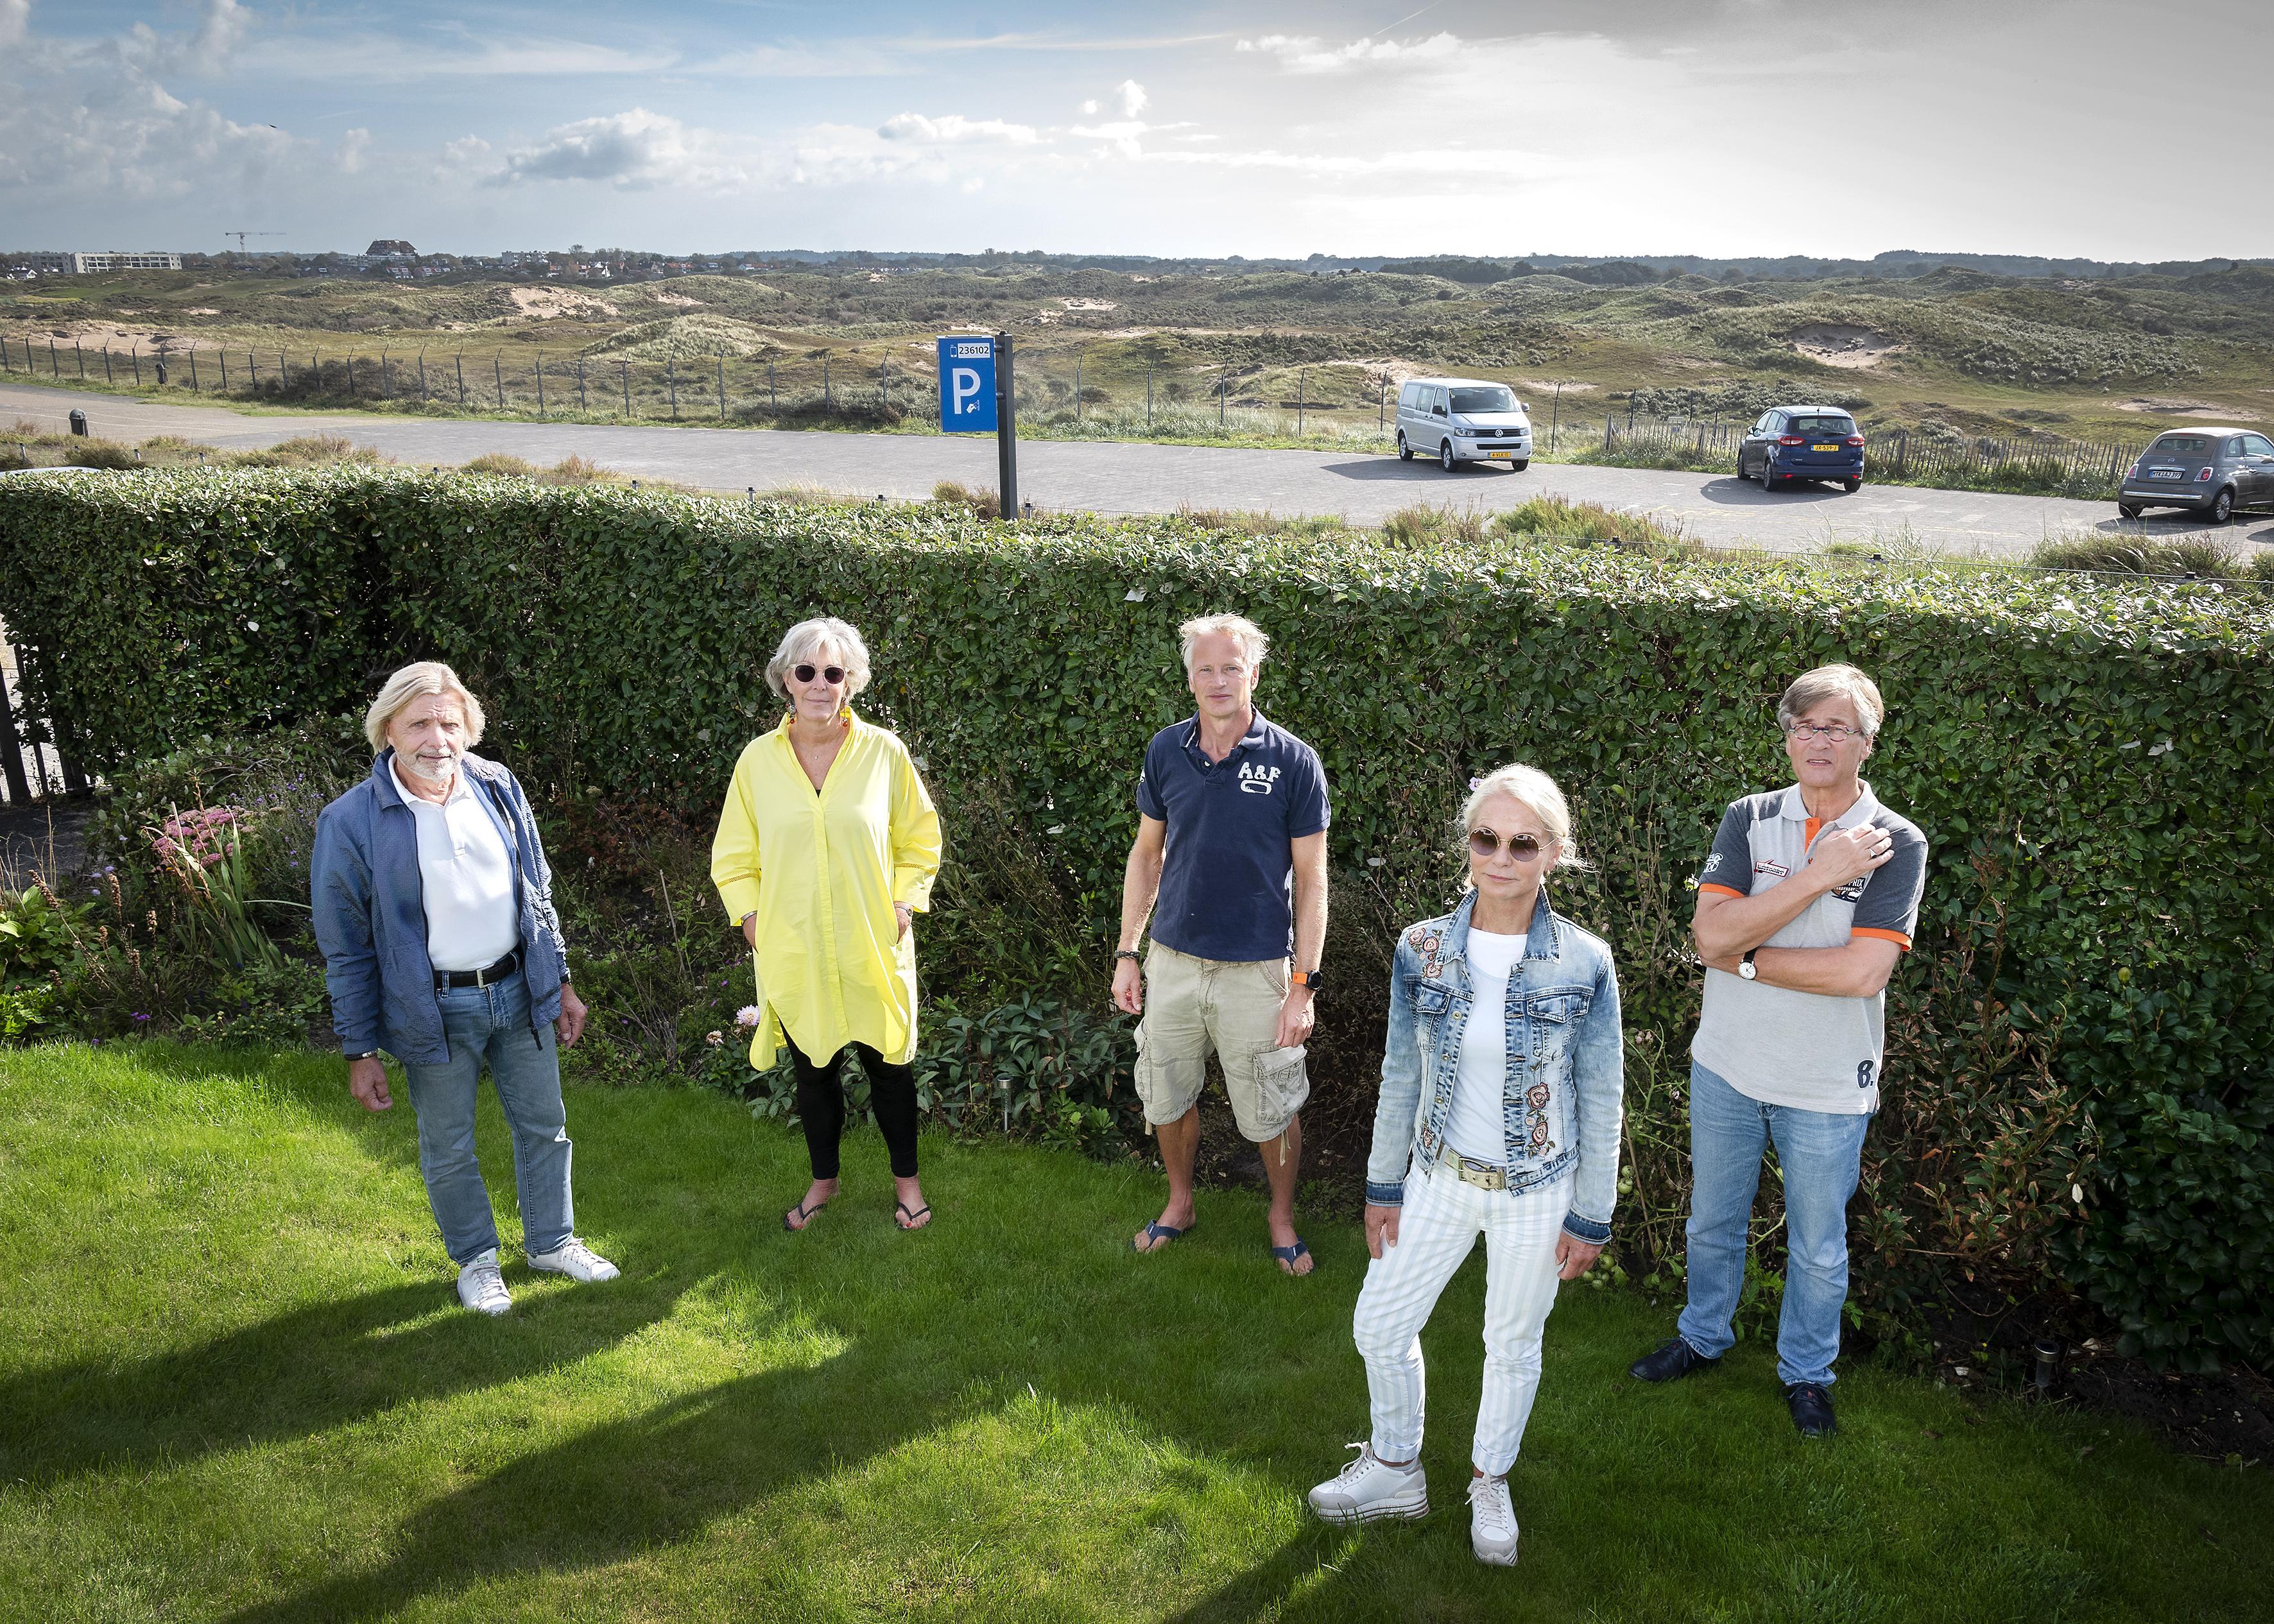 Parkeerterrein De Zuid in Zandvoort blijft toch in beeld voor zonnepanelen